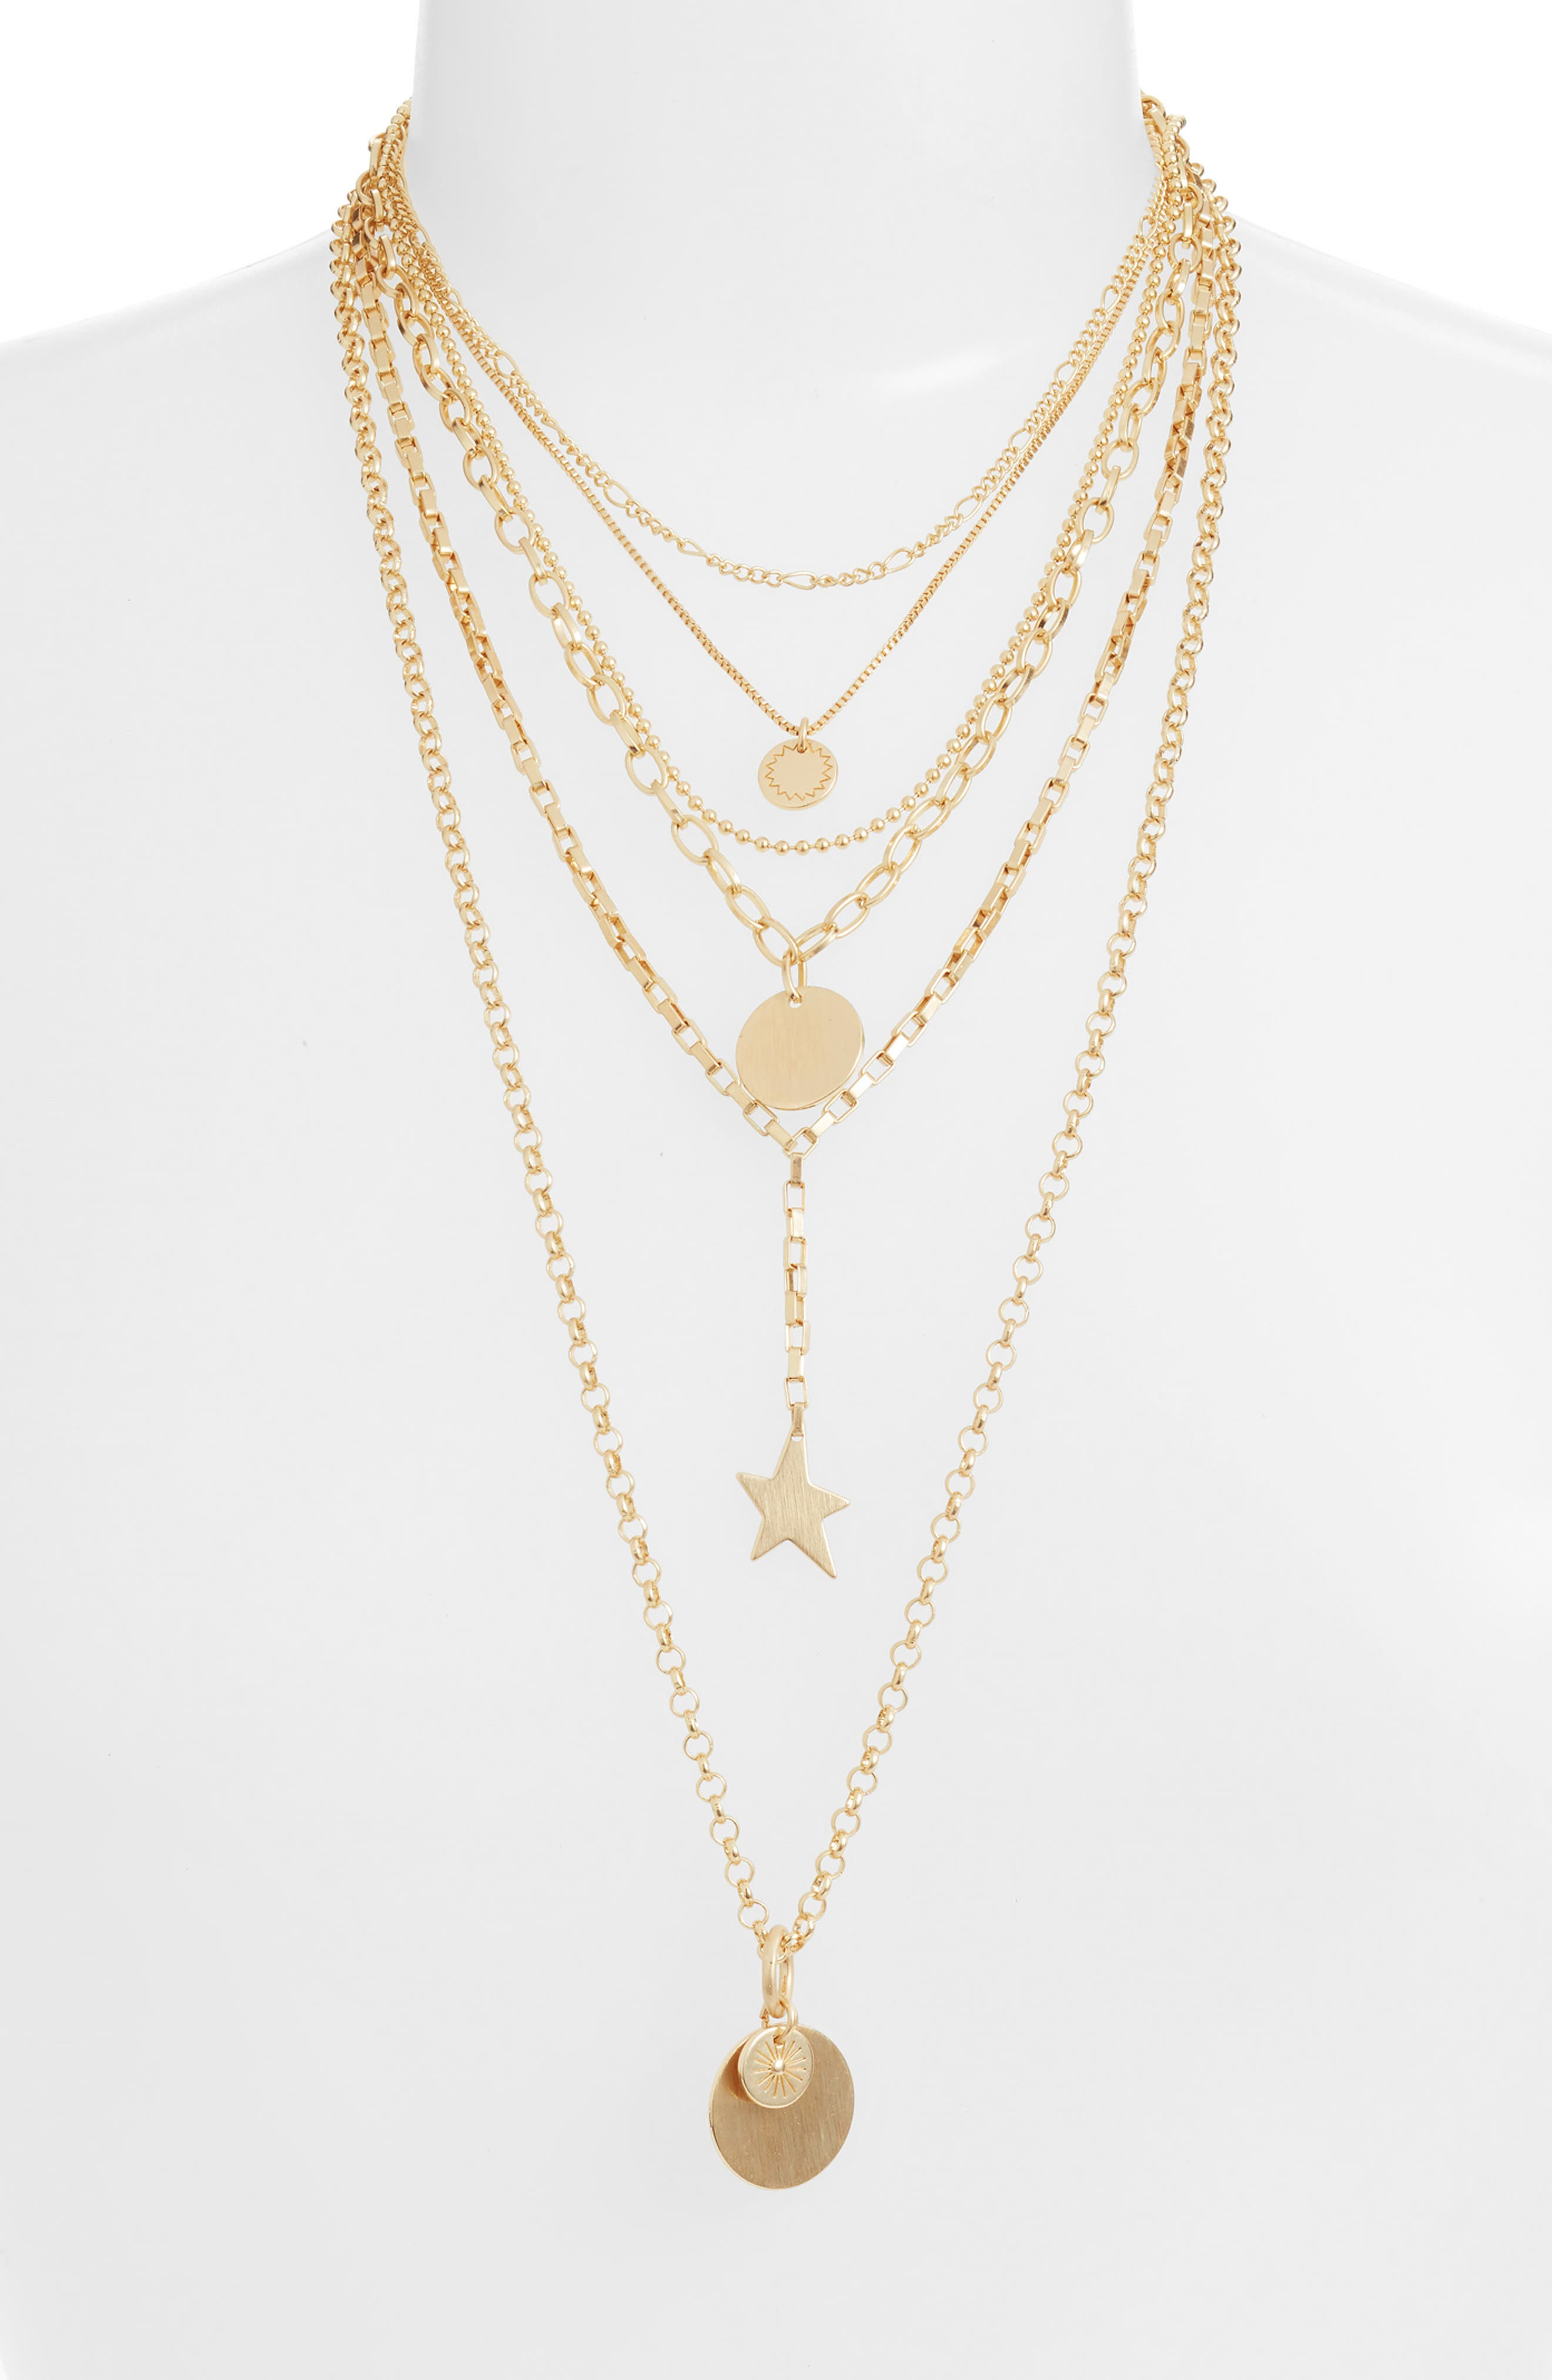 Rebecca Minkoff Medallion Layered Statement Necklace